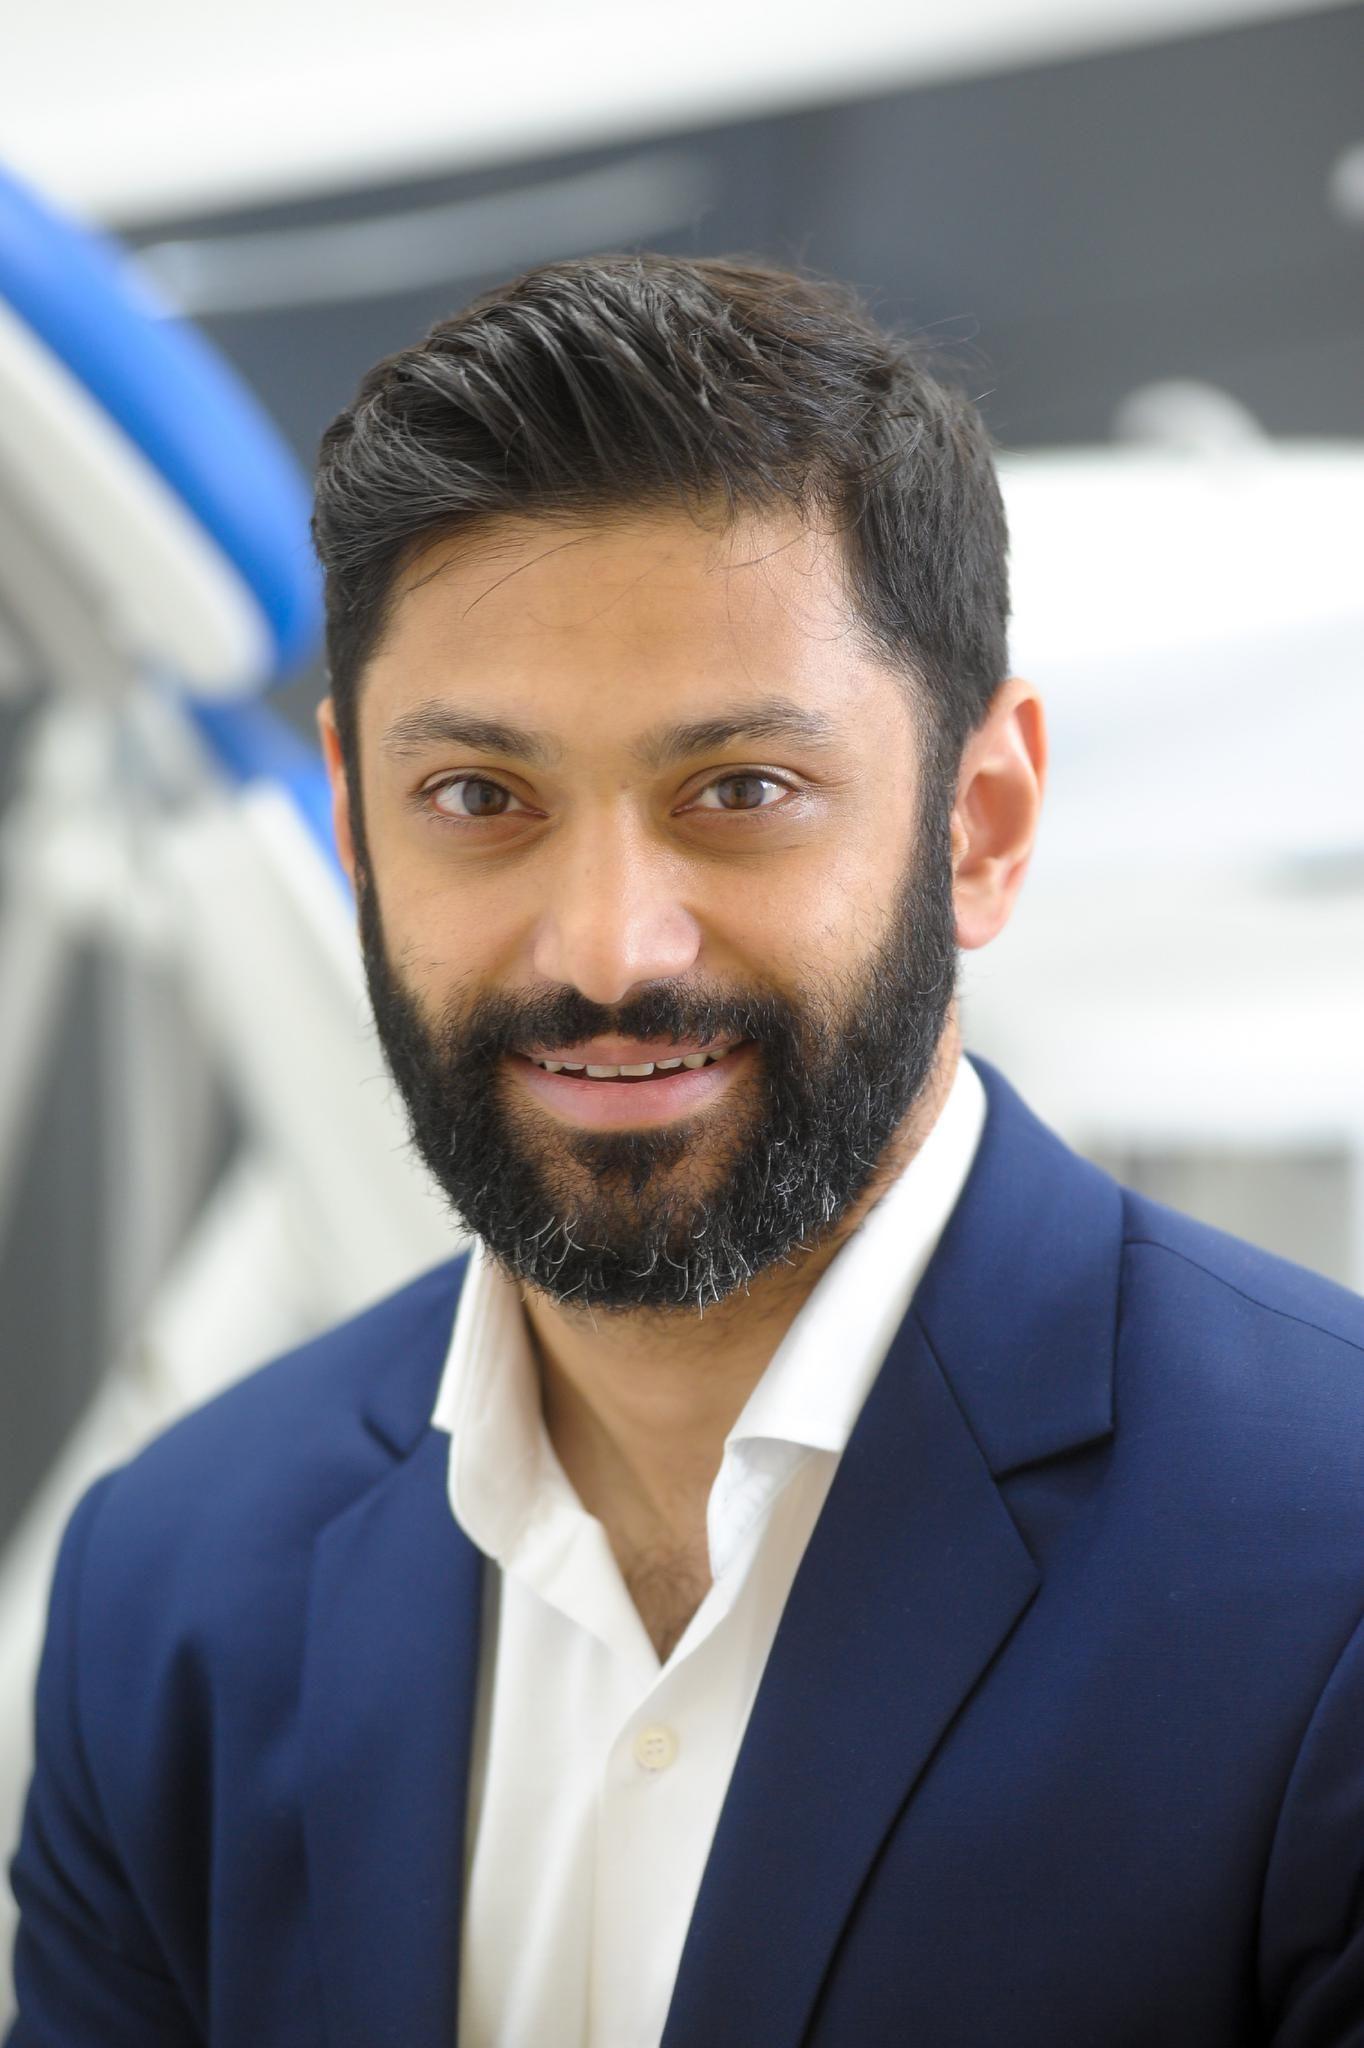 Dr.Sam Shah